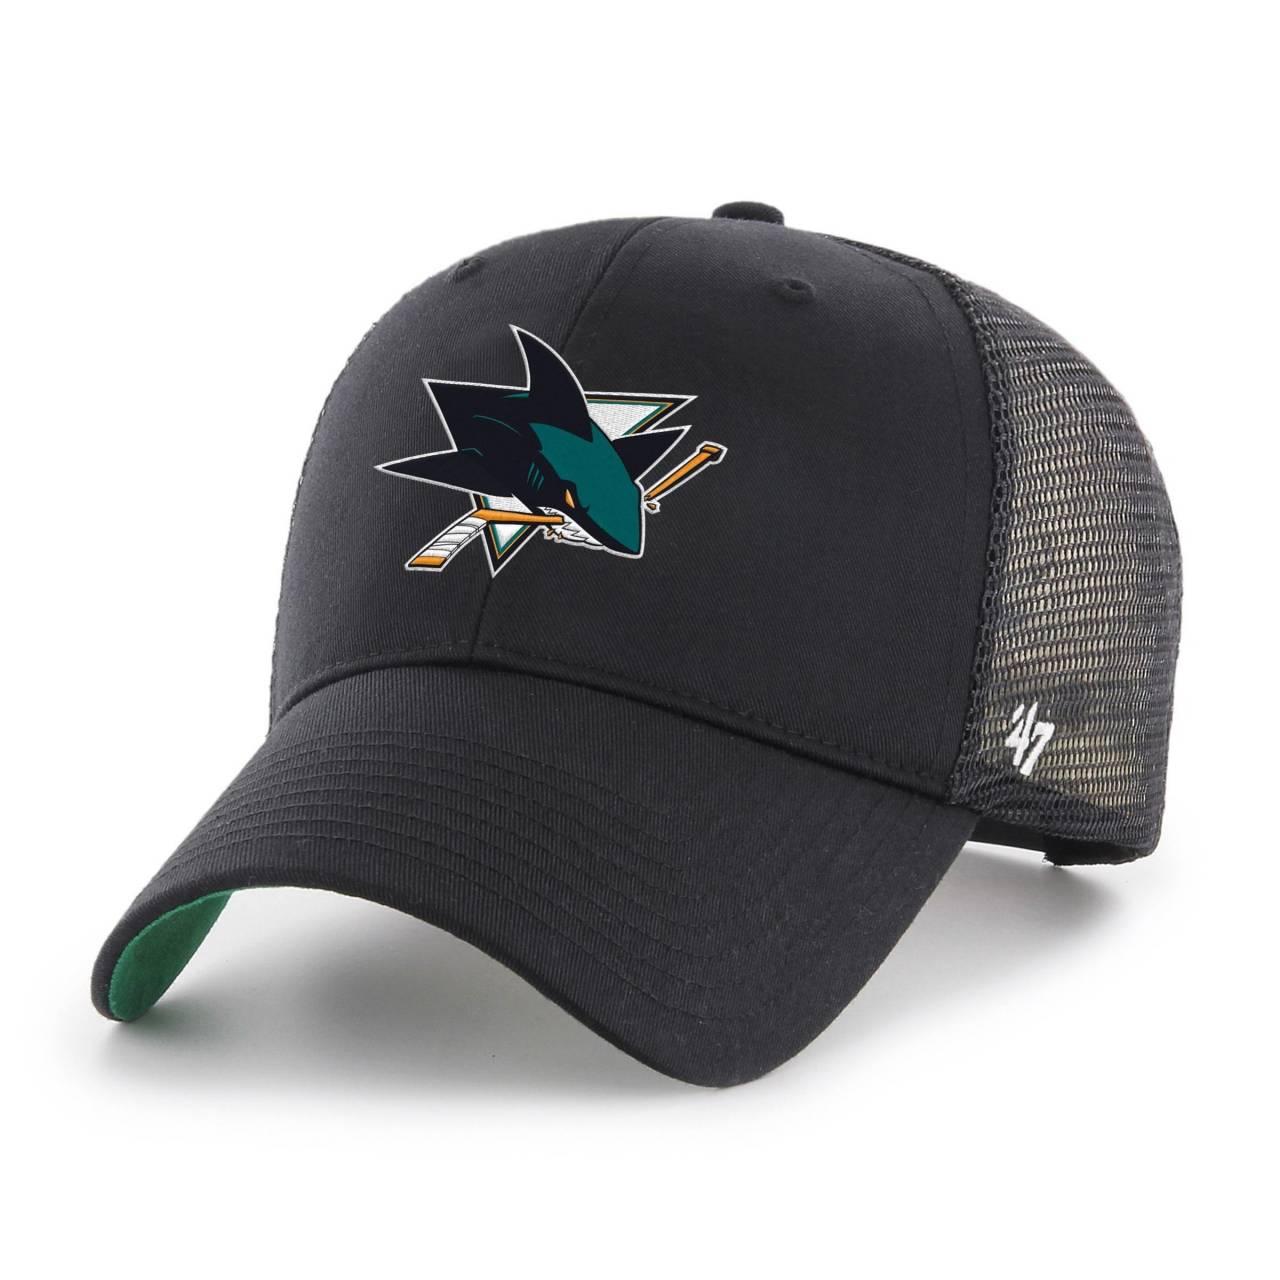 NHL SAN JOSE SHARKS BRANSON '47 MVP BLACK CAP